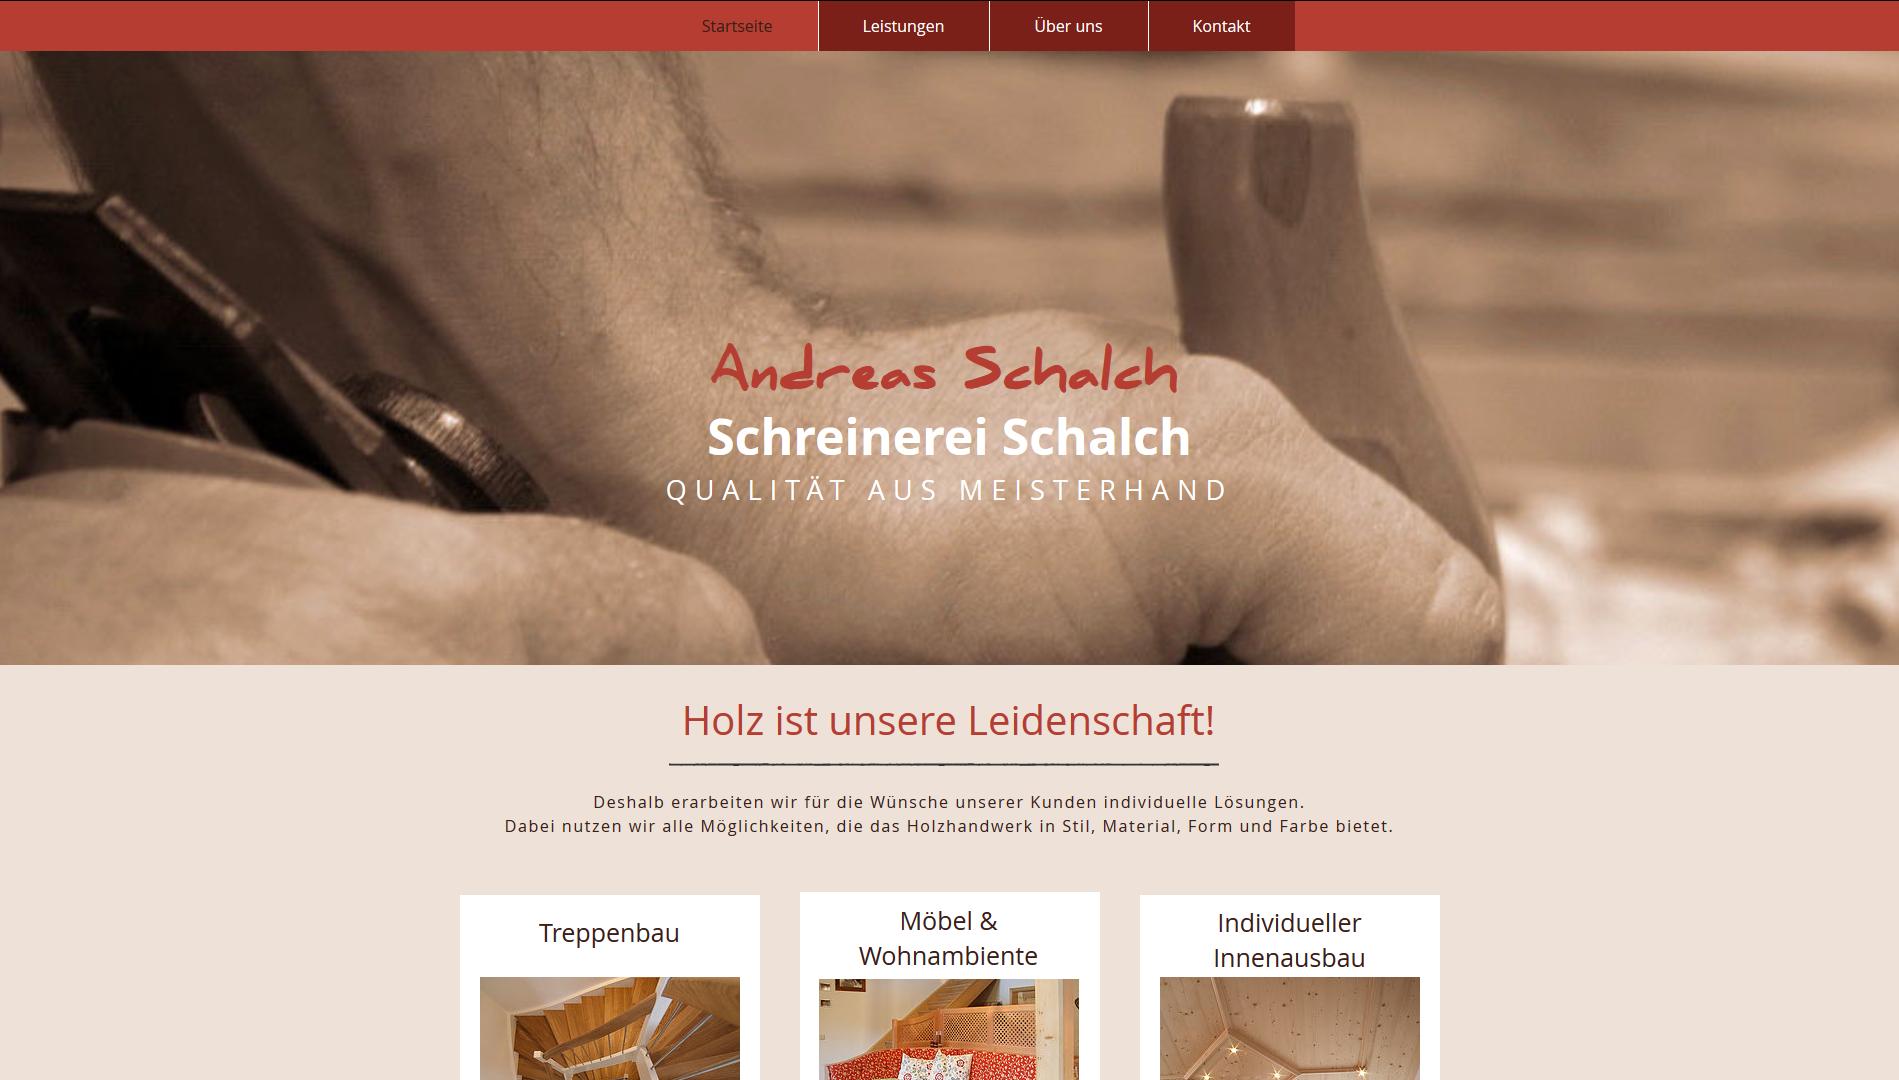 Schreinerei_Schalch_01